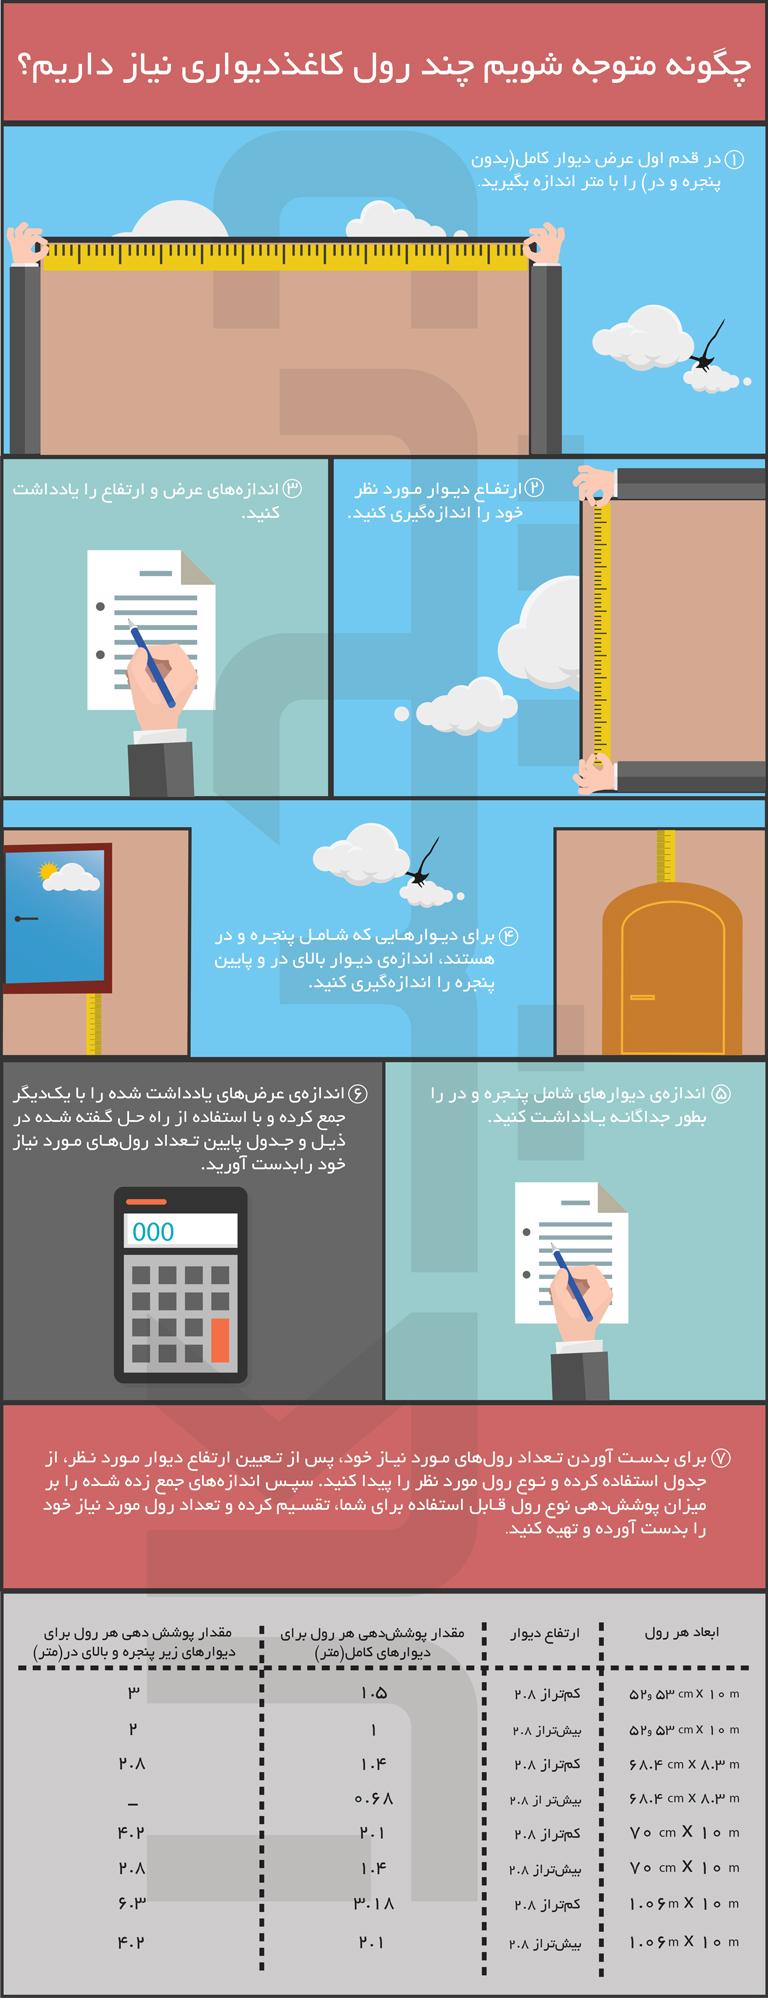 کاغذ دیواری والکویست آلبوم نوویا مدل AR30107 infographic